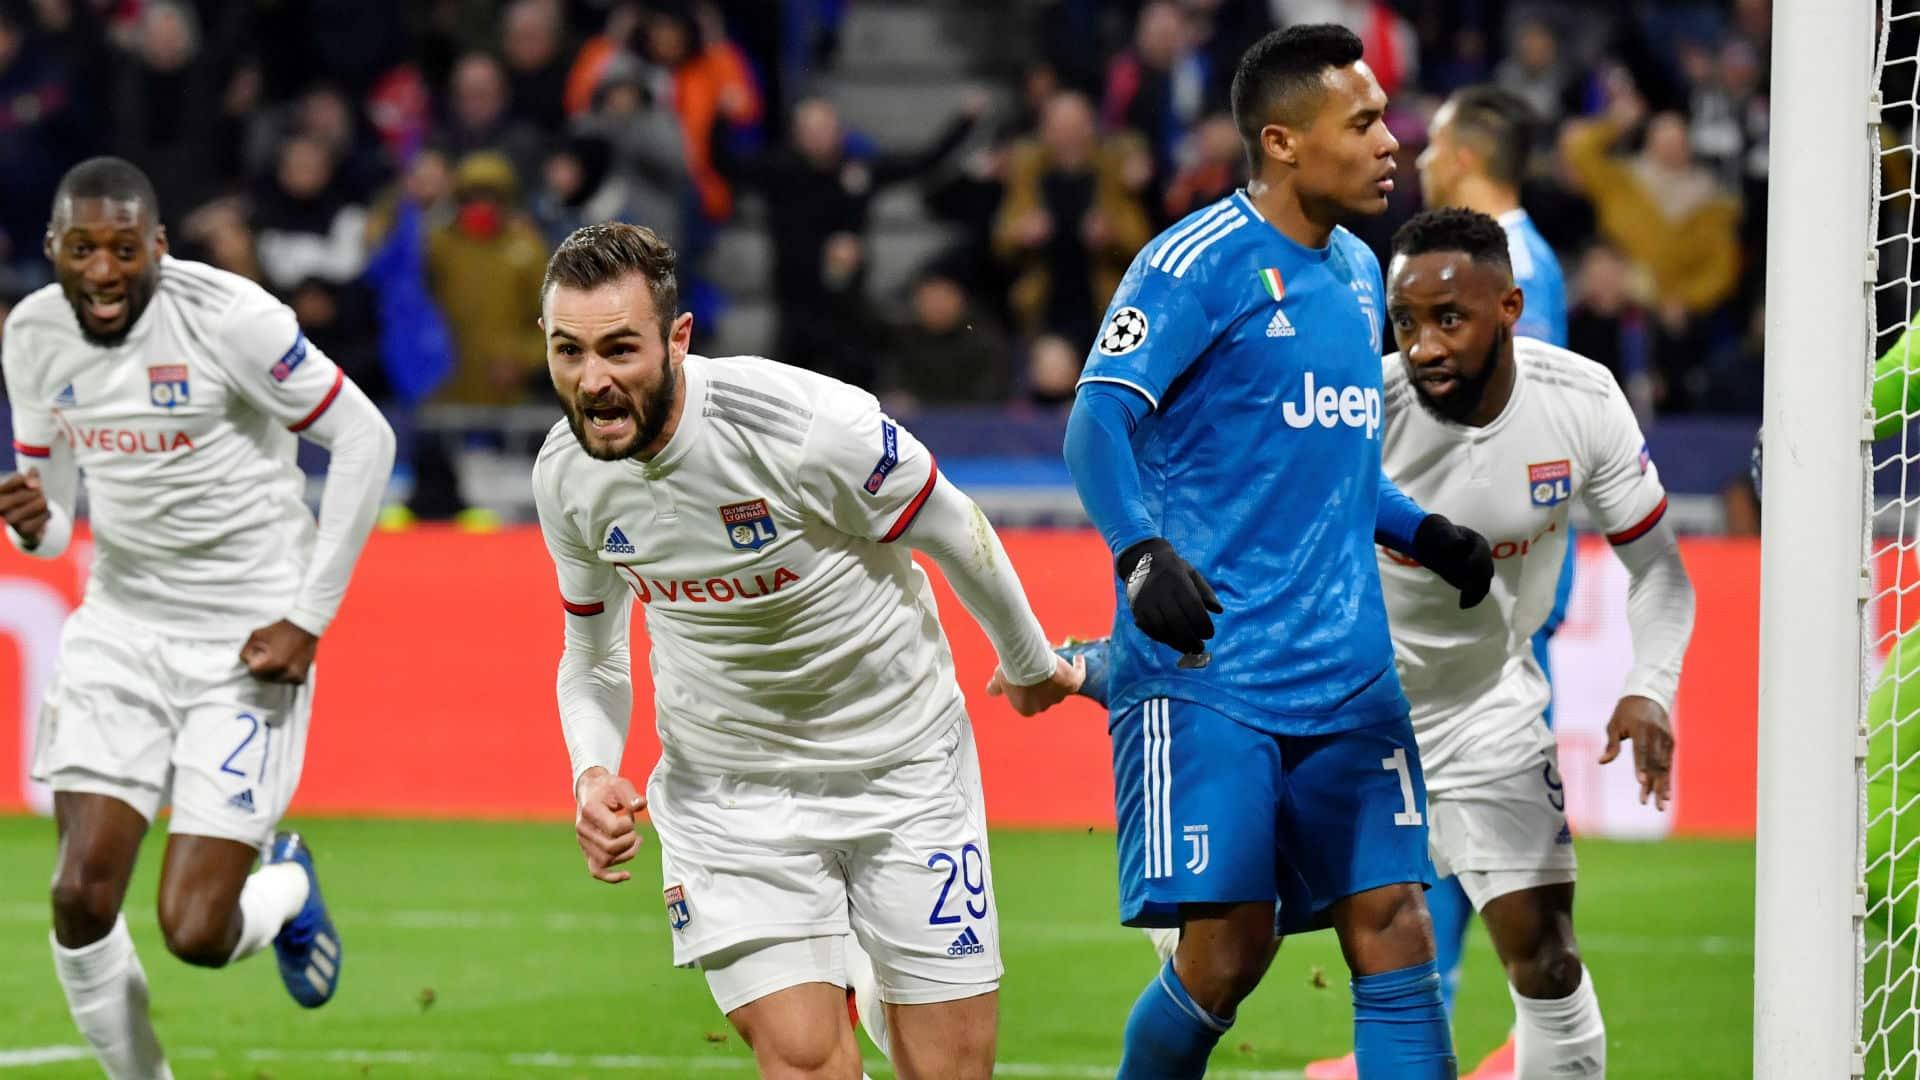 Juventus Vs Lyon Preview Tips And Odds Sportingpedia